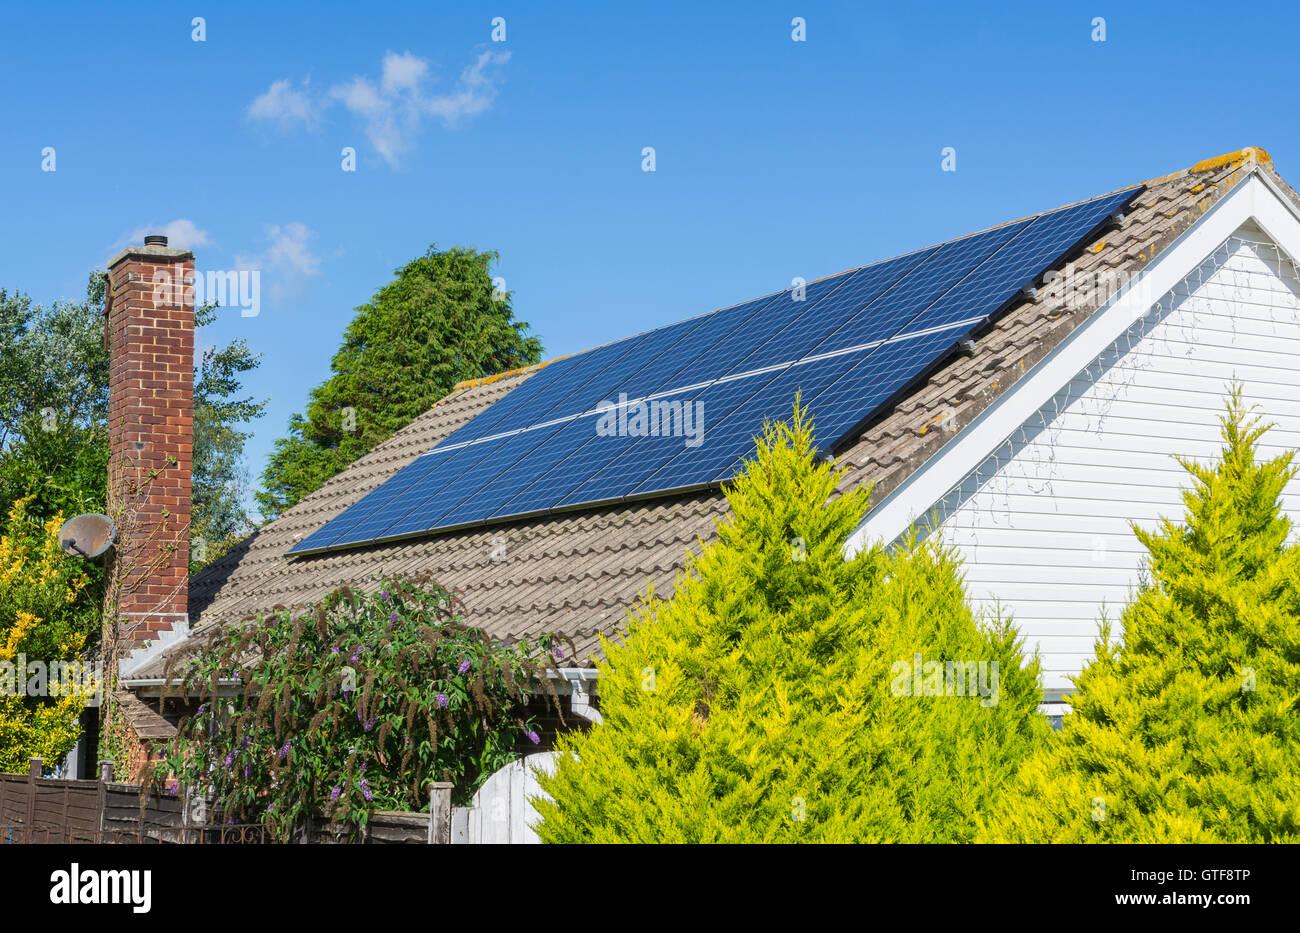 Paneles solares en el techo de un bungalow en el Reino Unido. Imagen De Stock